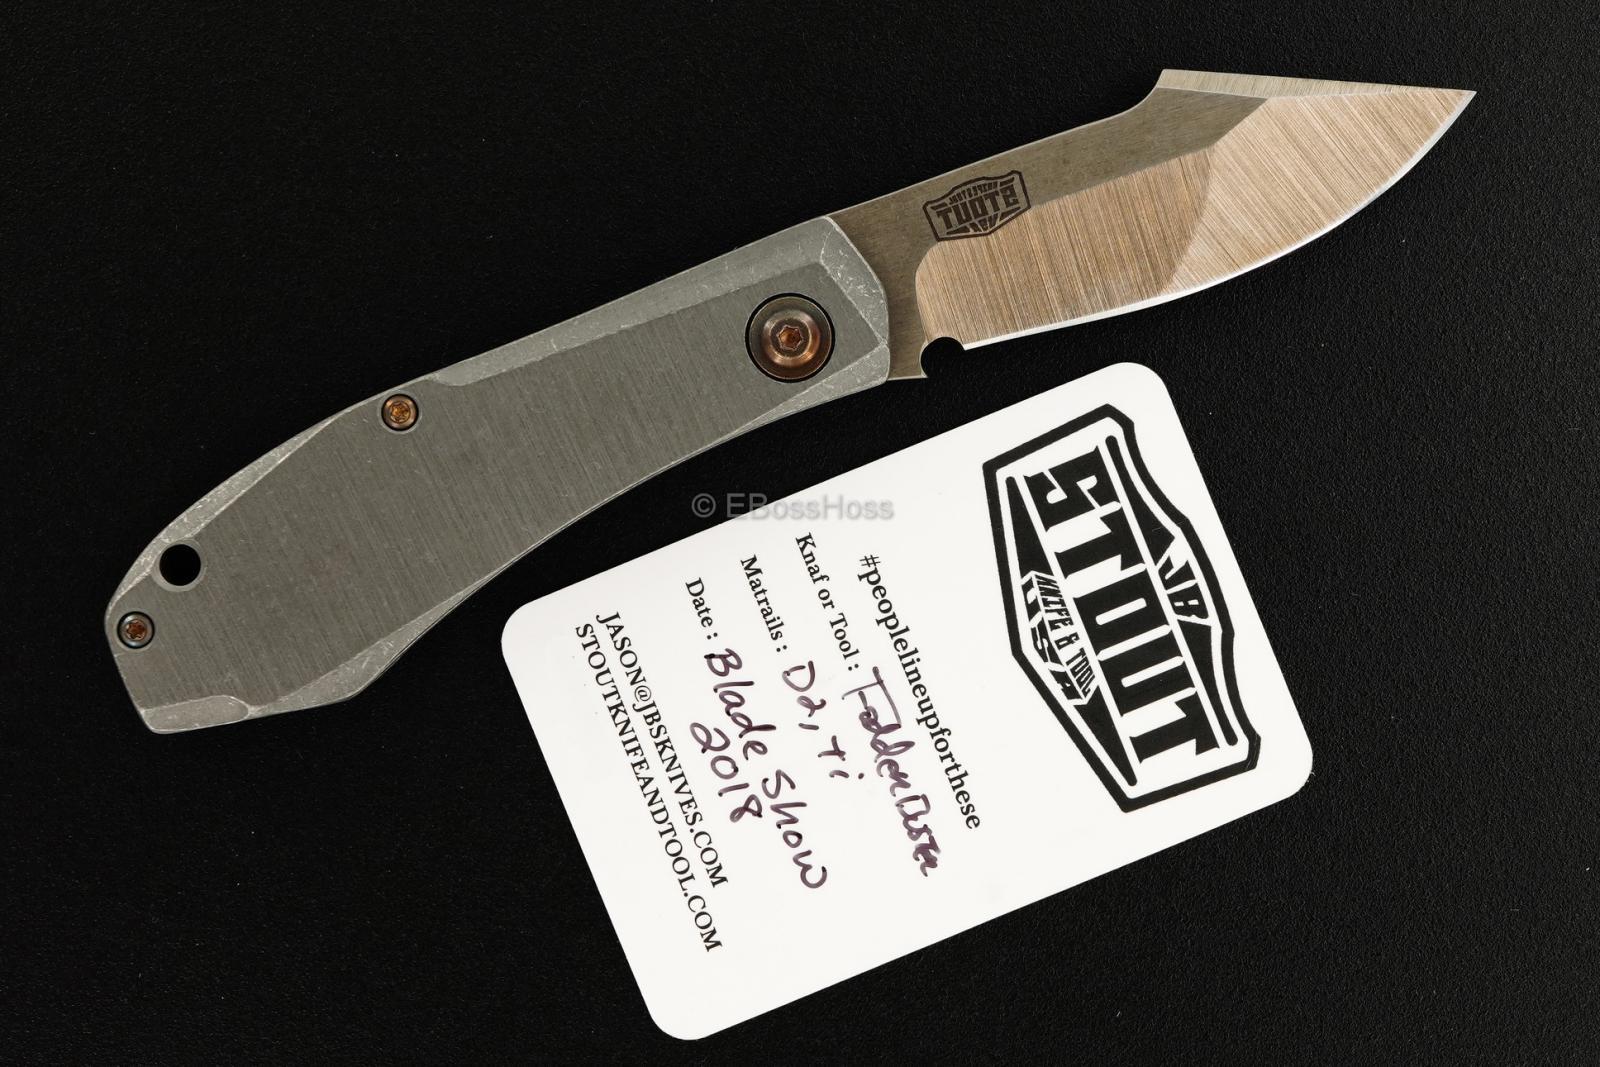 JB Stout Custom Fodder Buster Slipjoint